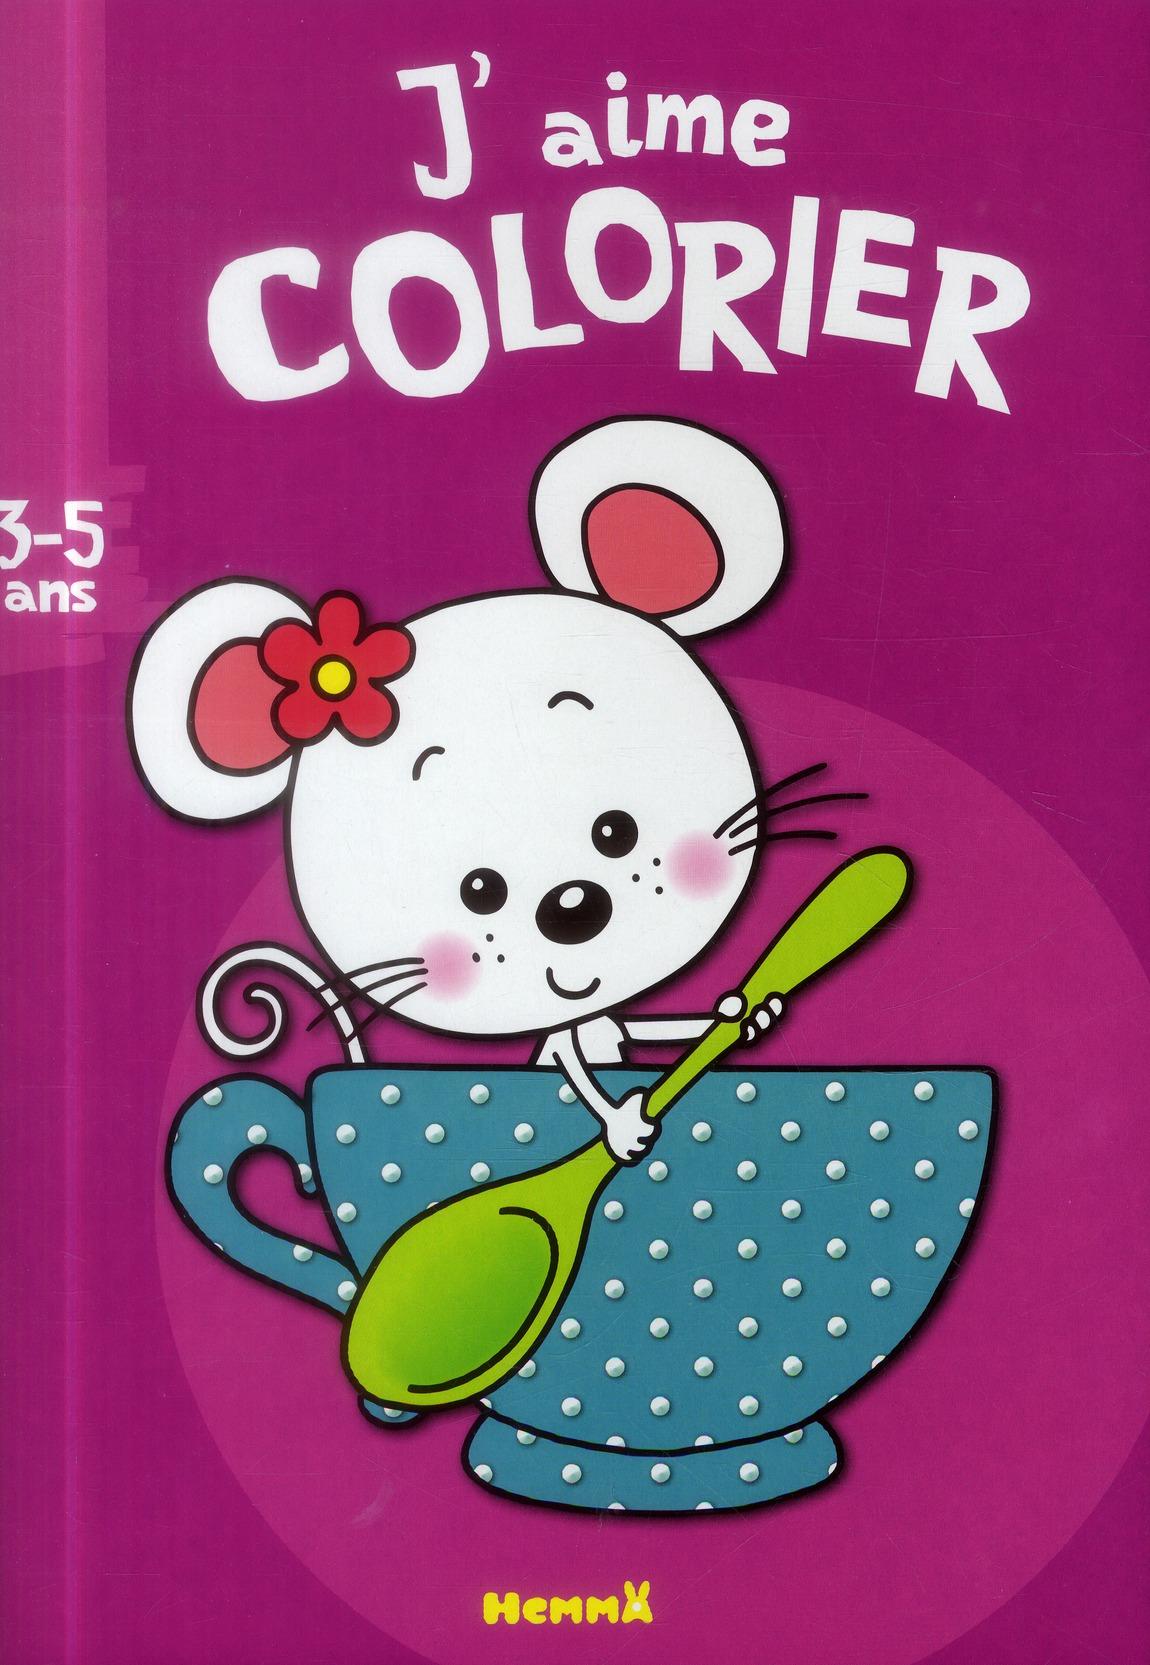 J'AIME COLORIER (3-5 ANS) (SOU